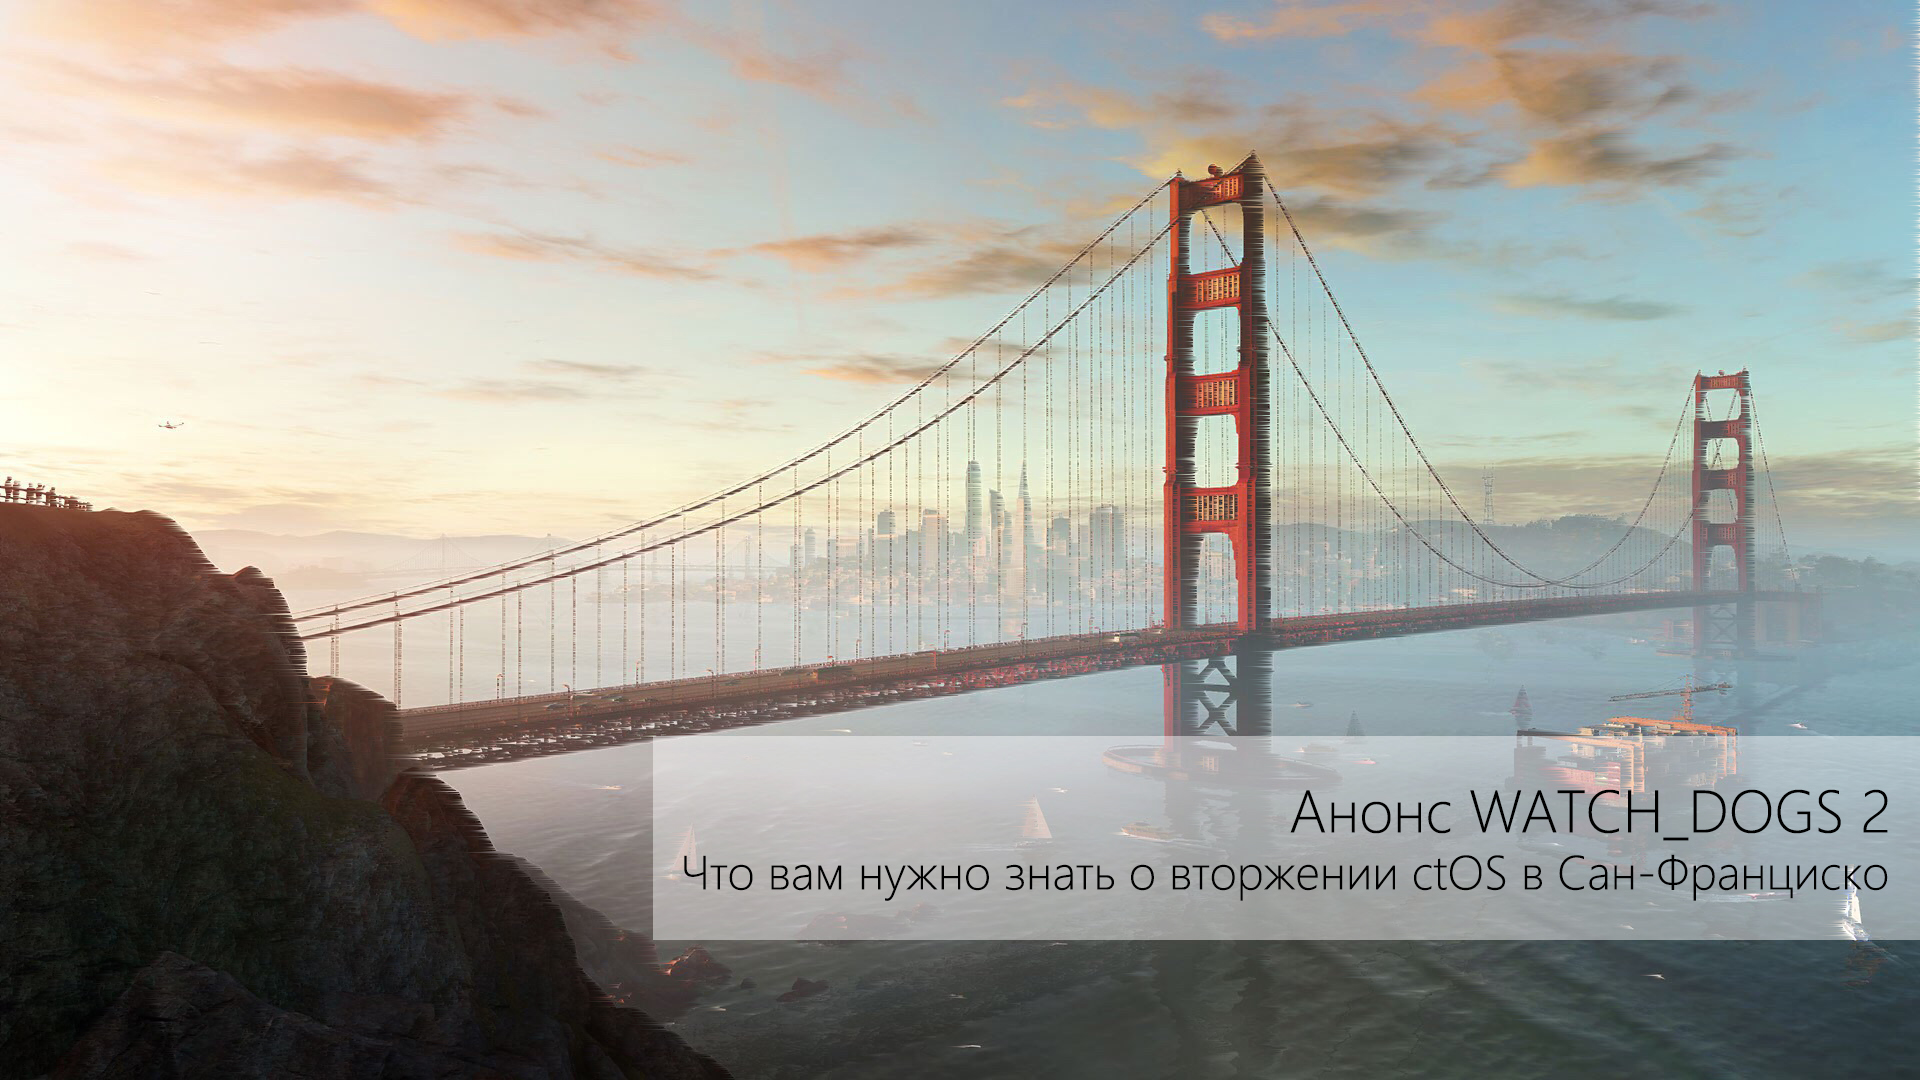 Watch Dogs 2 — Что вам нужно знать о вторжении CTOS в Сан-Франциско